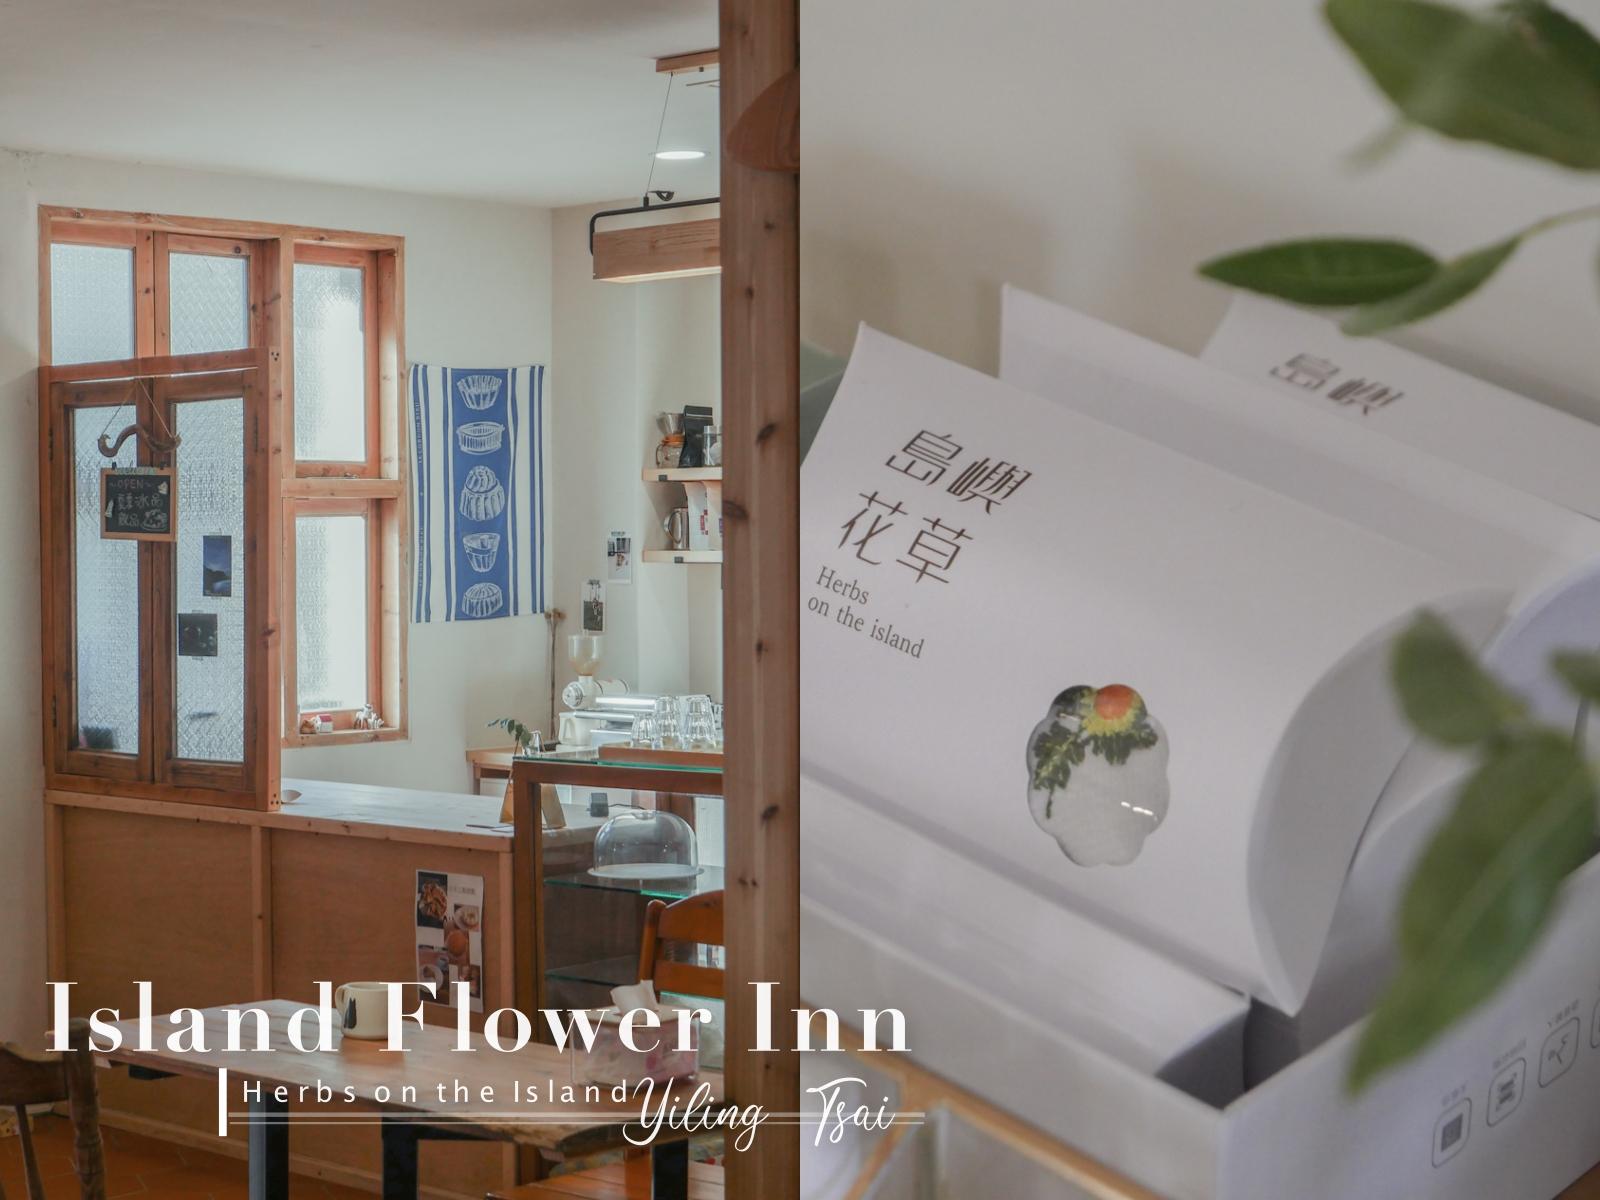 馬祖南竿住宿 島嶼花草文旅 Island Flower Inn 木質調簡約清新風格